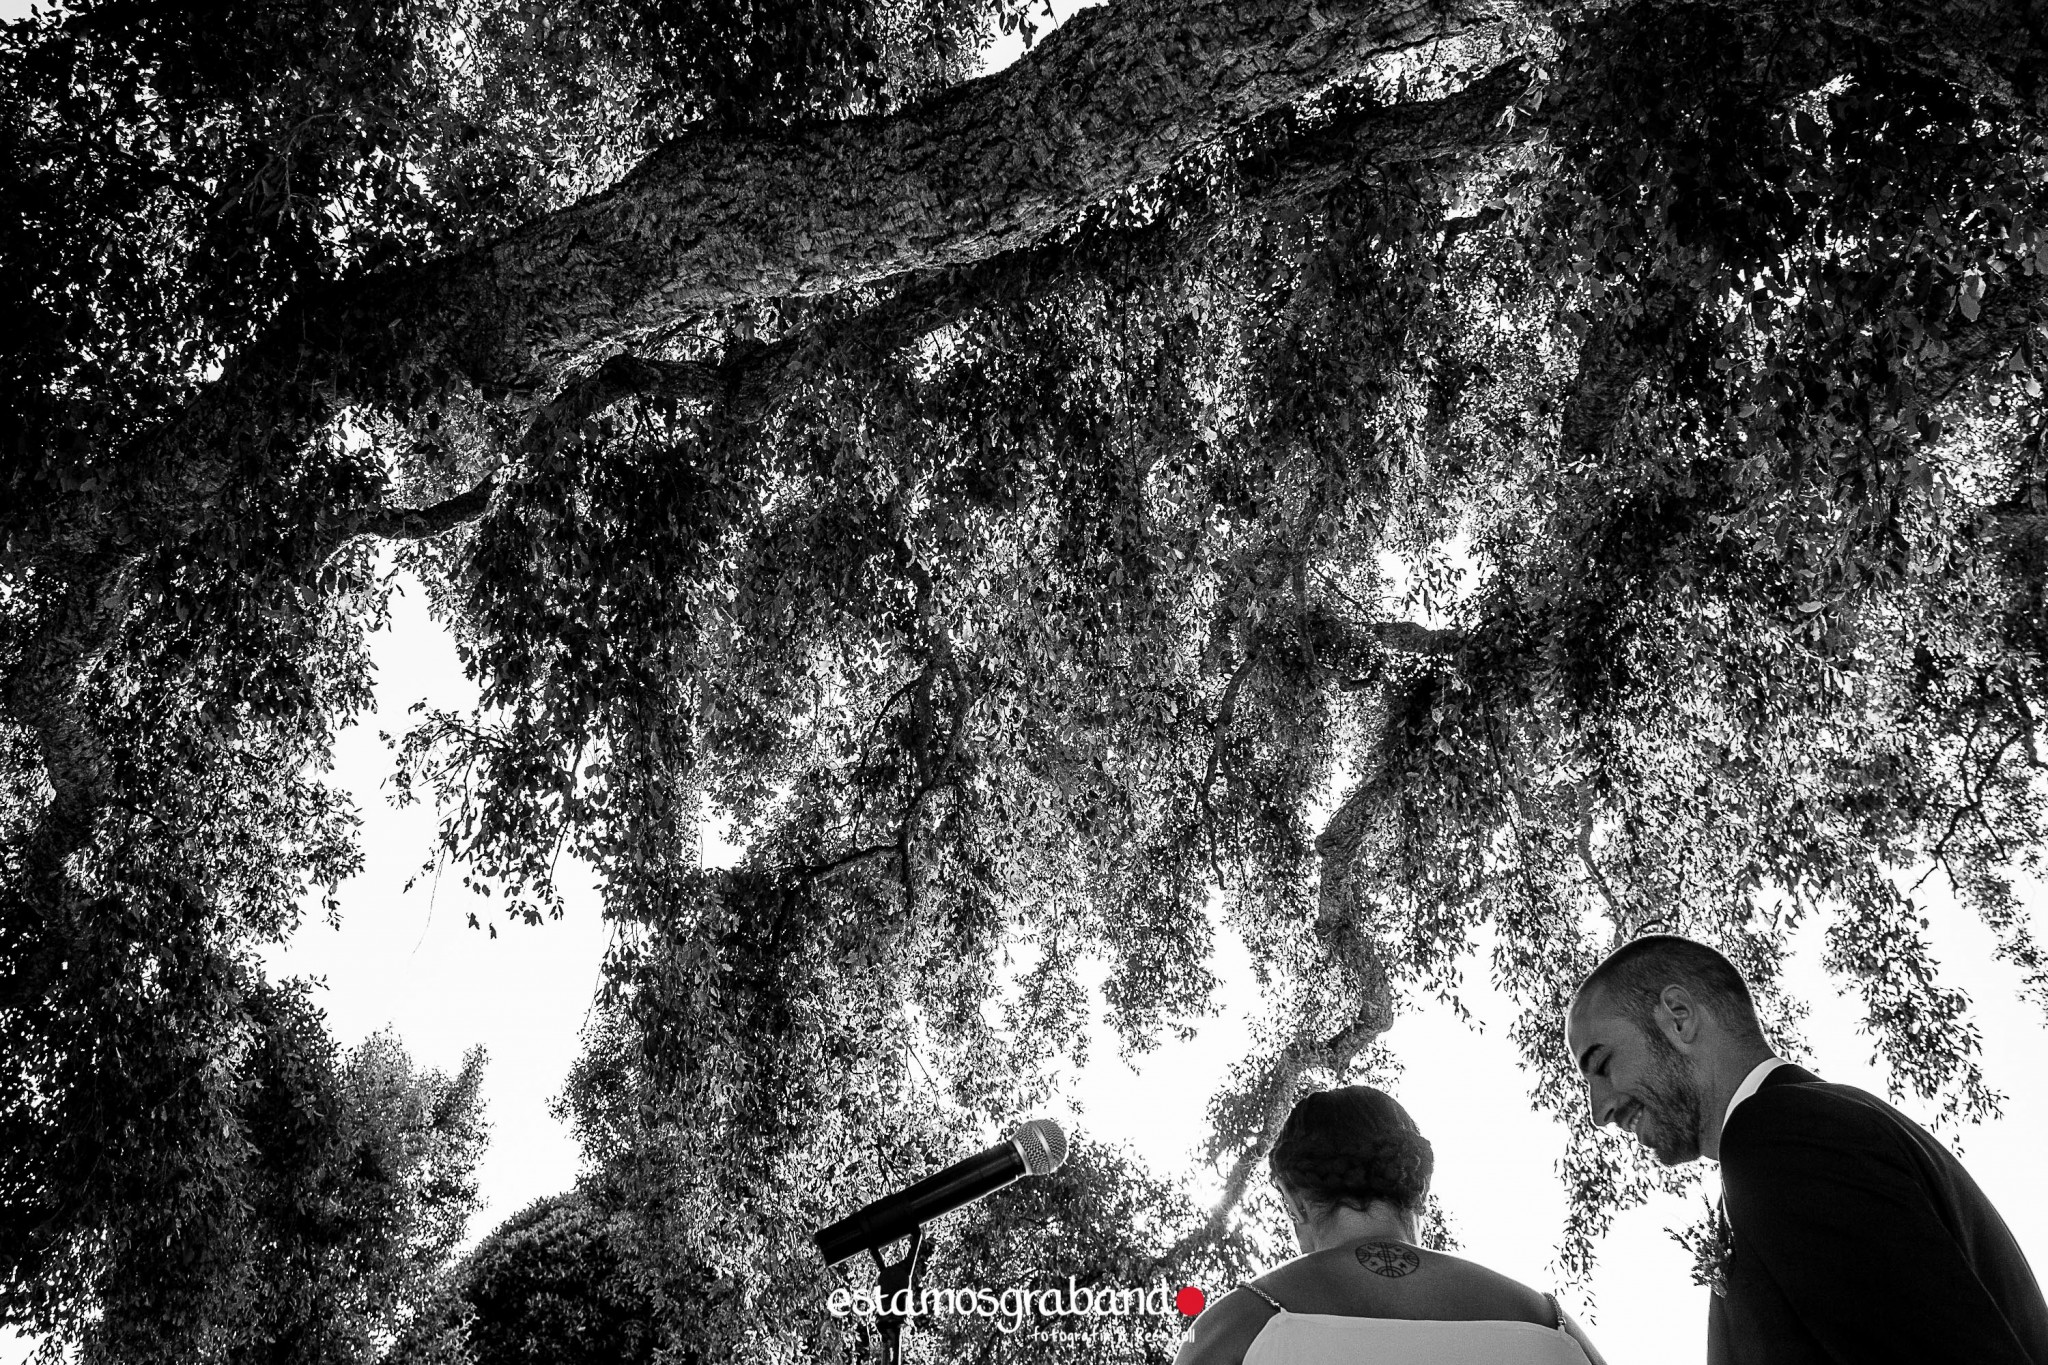 bee-y-juan-12 La boda de Braveheart (Spanish version)_Vee & Juan - video boda cadiz